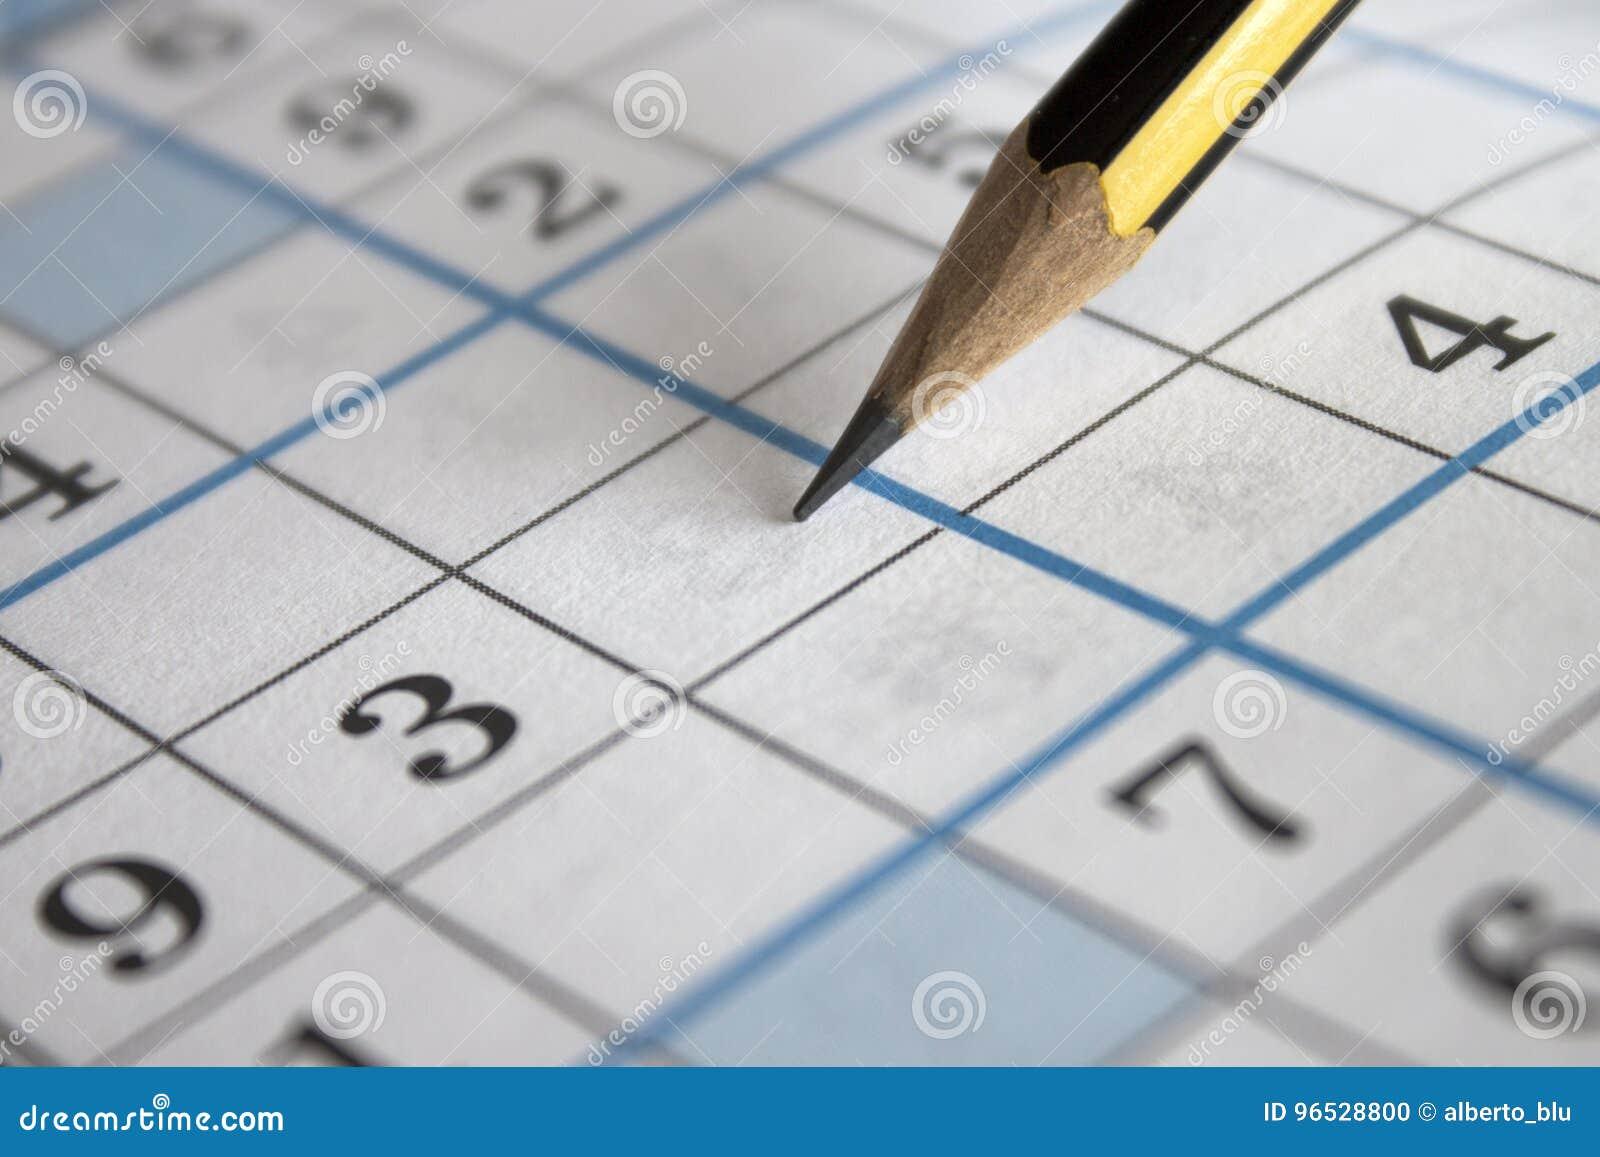 Карандаш на листе решетки головоломки Sudoku